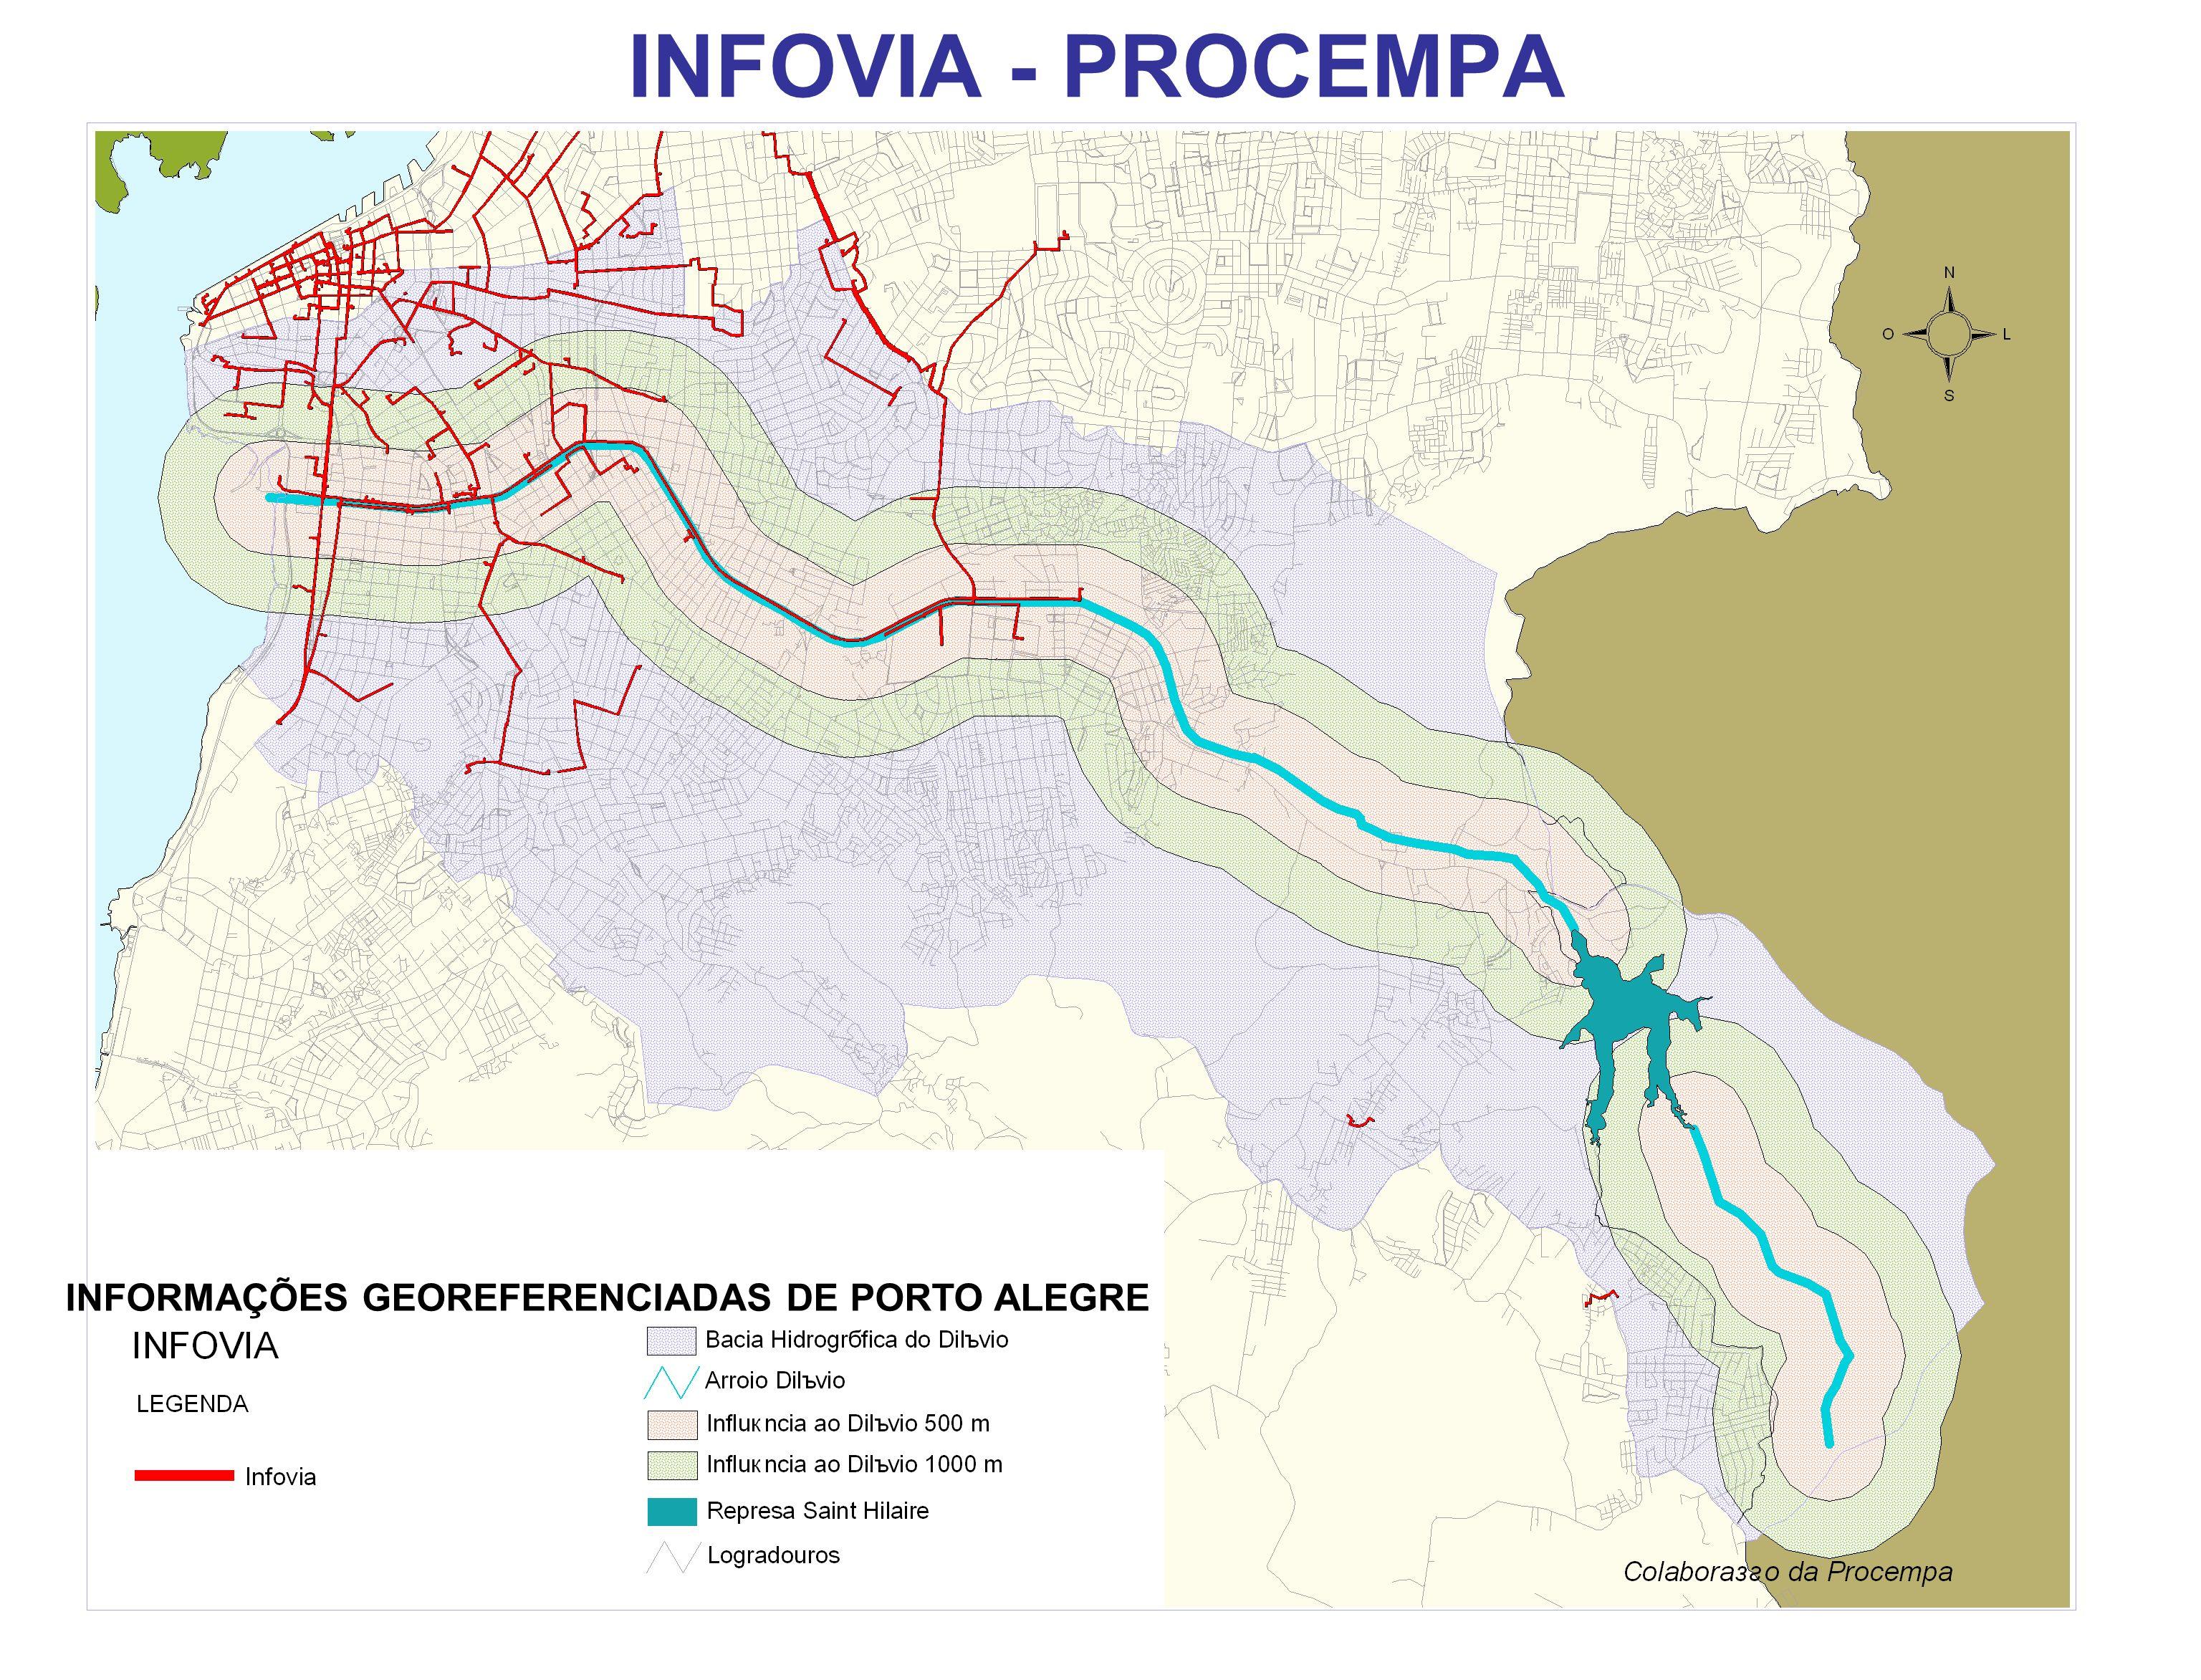 INFOVIA - PROCEMPA INFORMAÇÕES GEOREFERENCIADAS DE PORTO ALEGRE